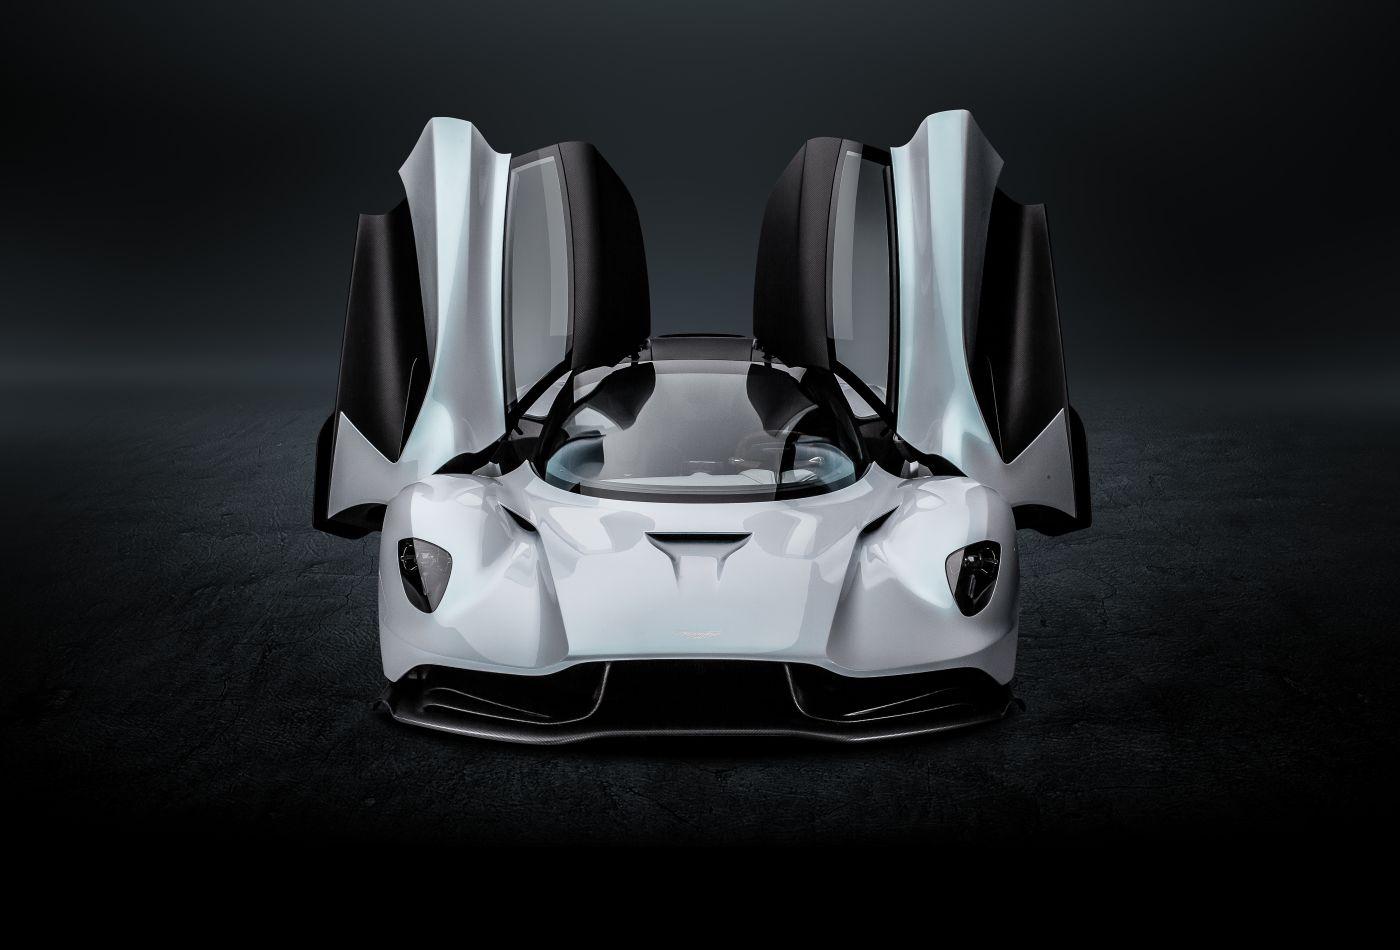 Siêu xe Valhalla của Aston Martin sẽ xuất hiện trong bộ phim Bond 25 - 2